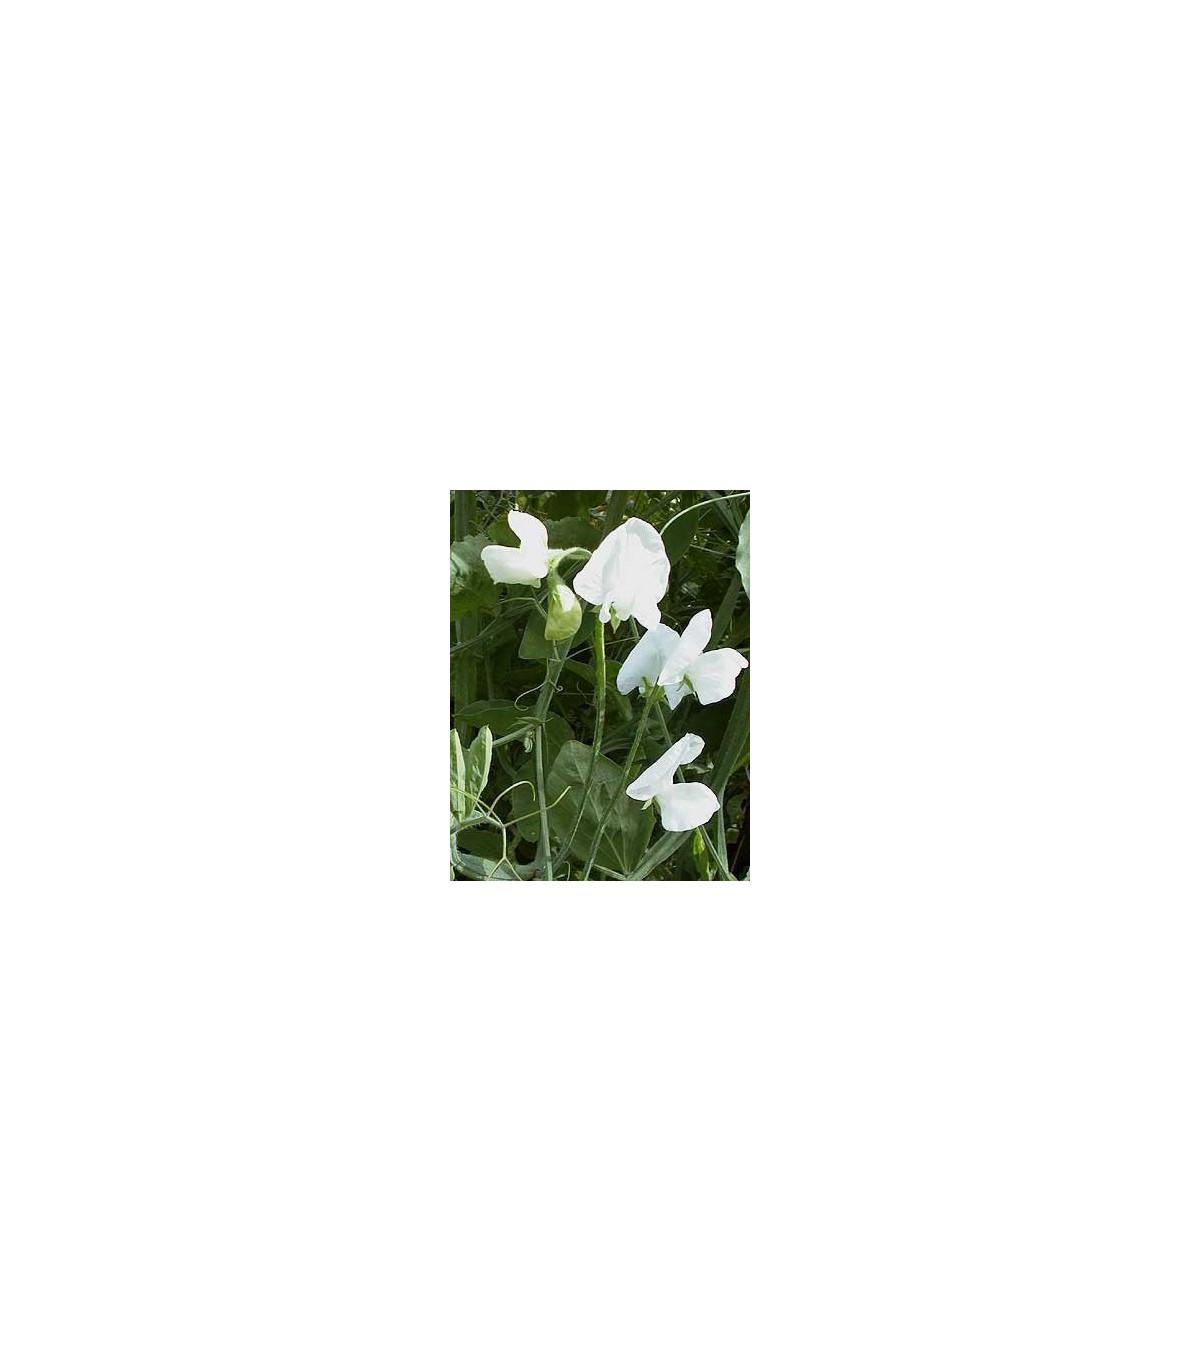 Hrachor popínavý kráľovský - Lathyrus odoratus - semená hrachora - semiačka - 20 ks